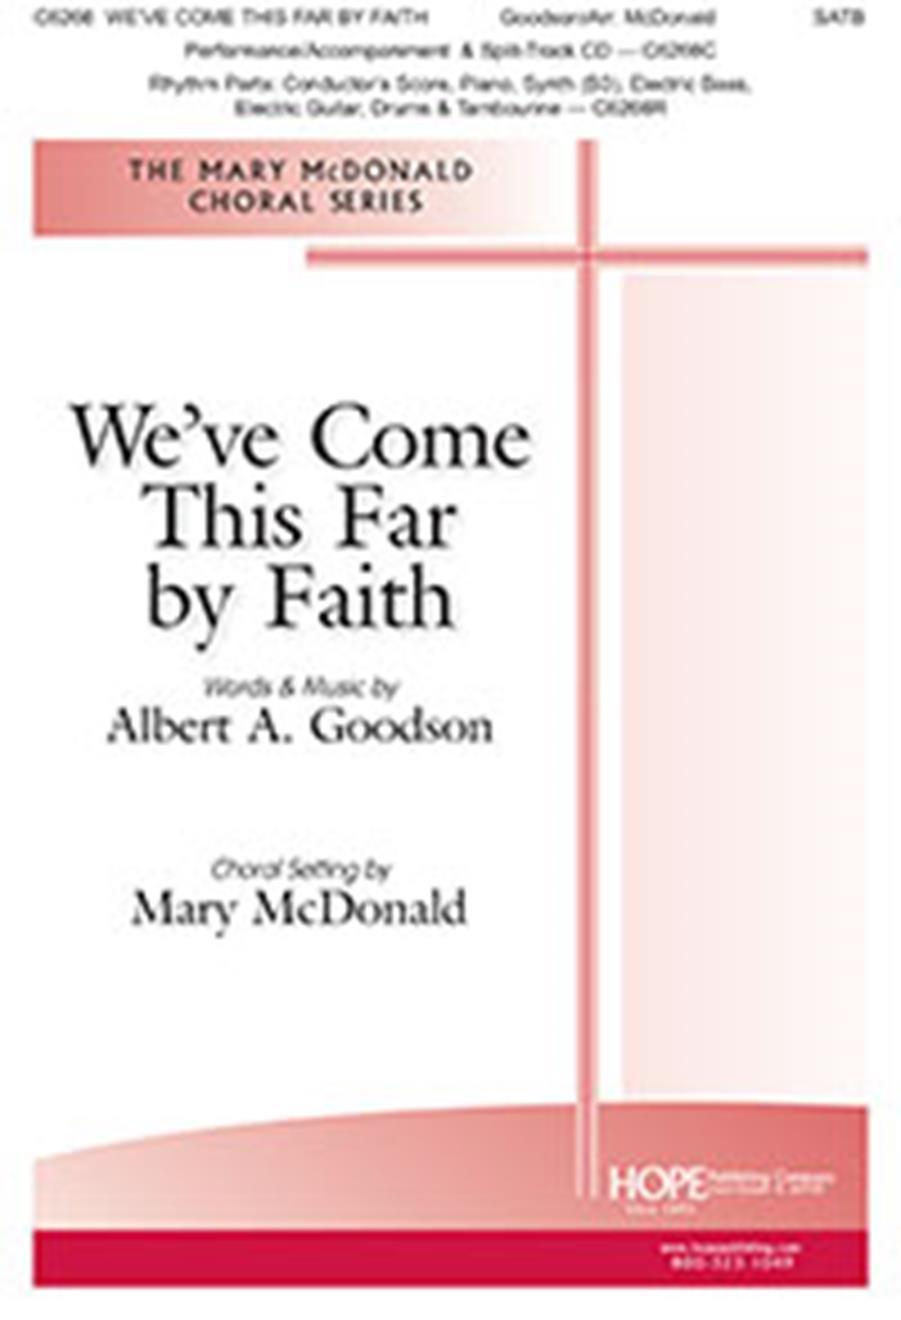 We Come This Far By Faith: Mixed Choir: Vocal Score